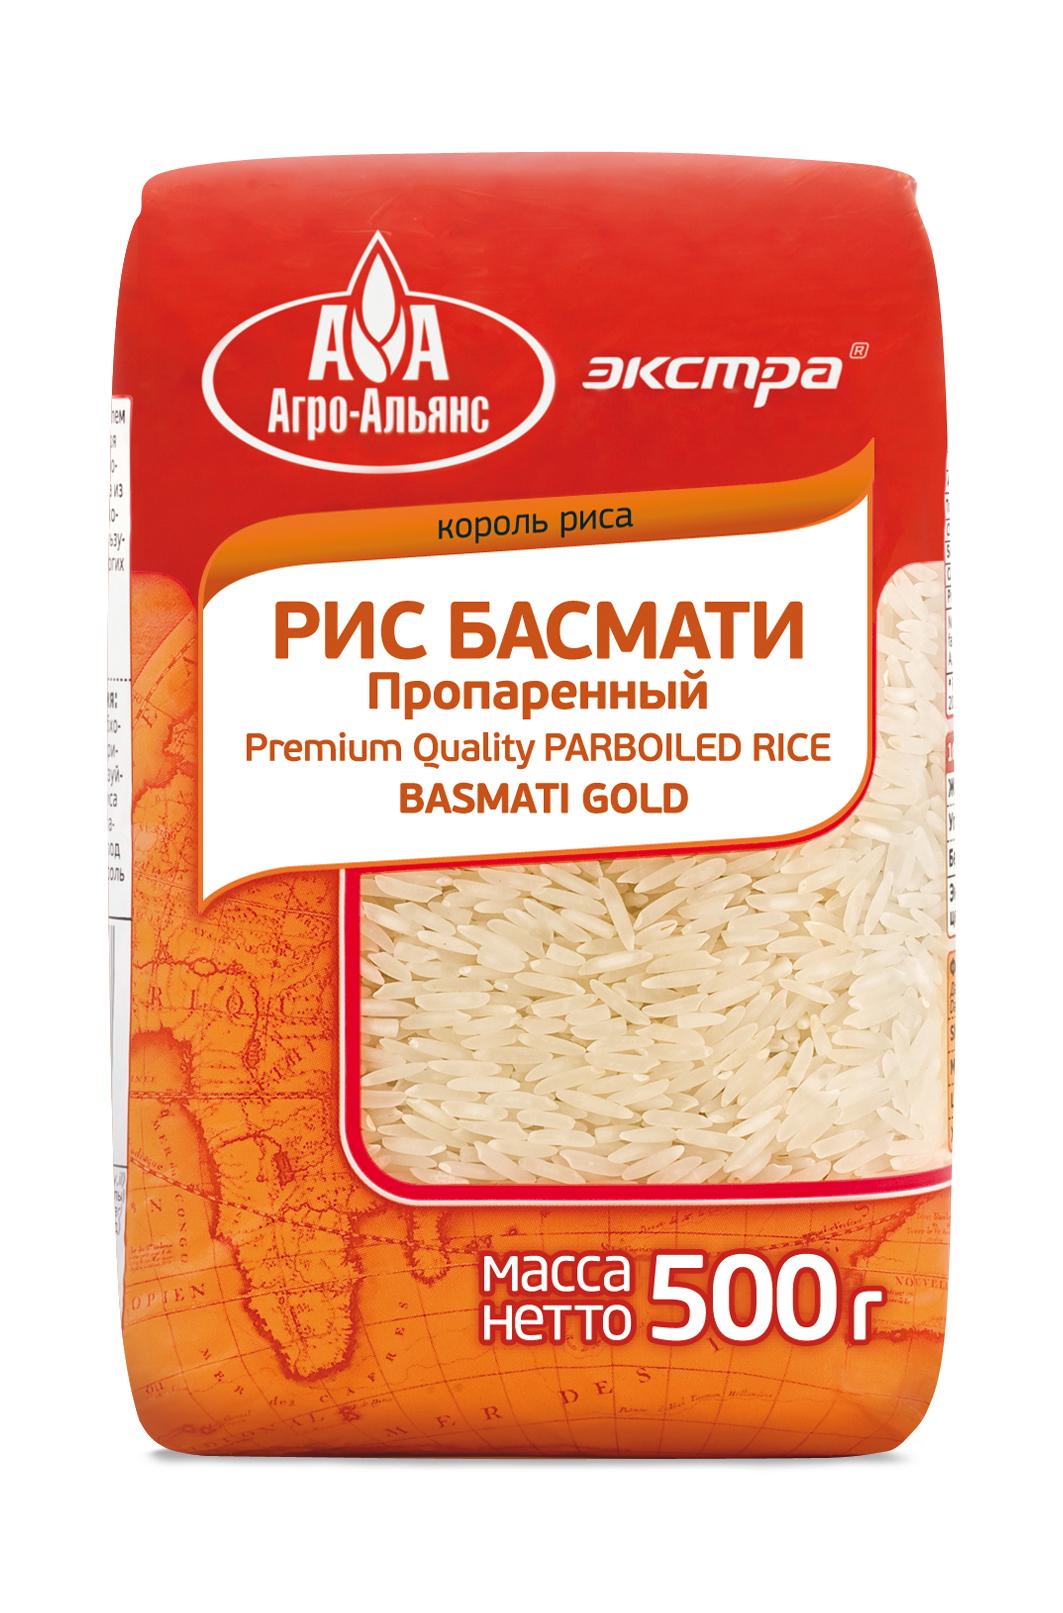 Рис Агро-Альянс Басмати Голд пропаренный Экстра, 500 г агро альянс каскад рис пропаренный золотой 900 г